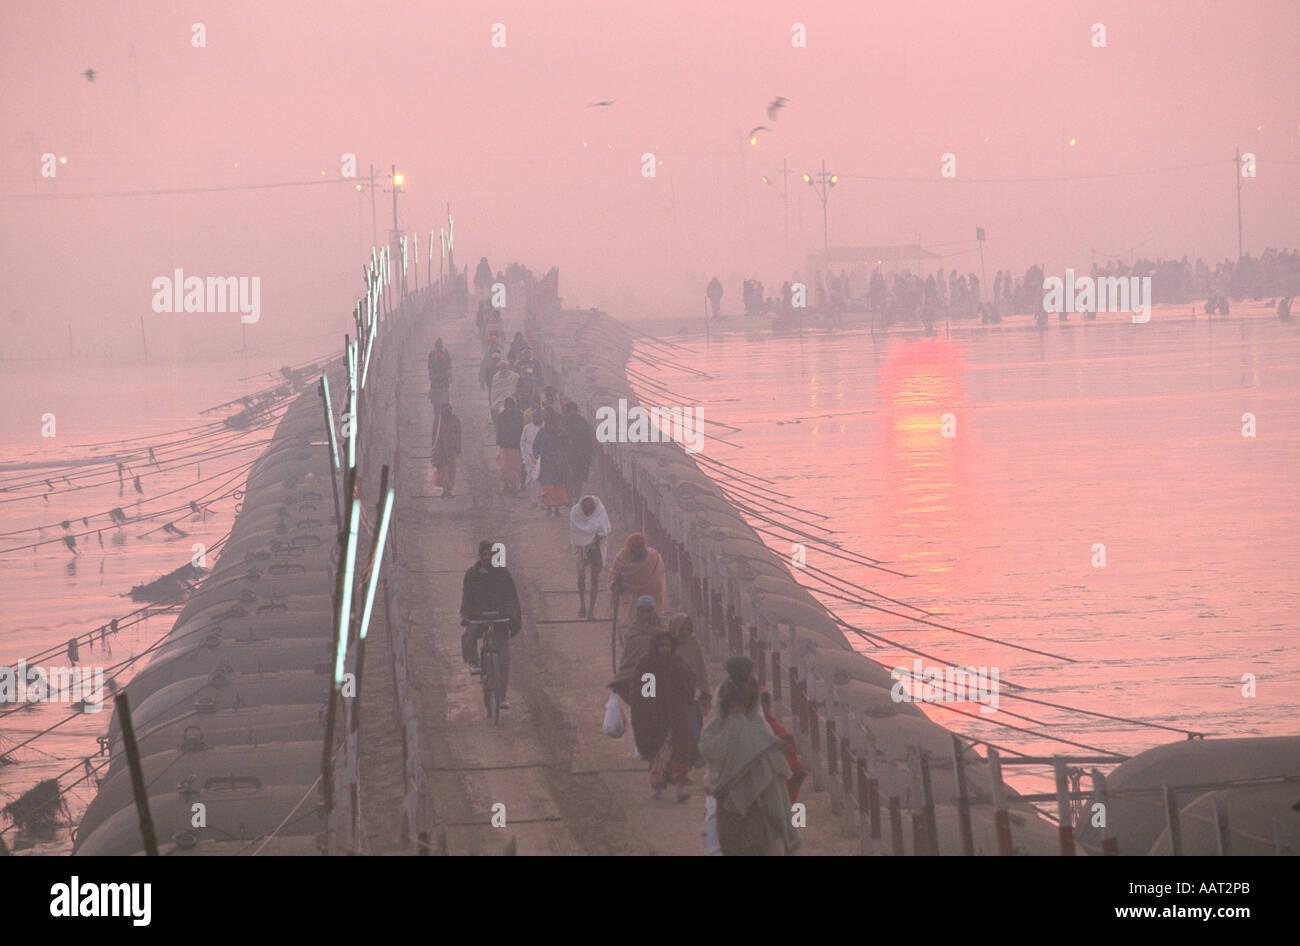 KUMBH MELA INDIA 2001 COMO EL SOL peregrinos hacen su camino de regreso a través de los puentes provisionales a Foto de stock